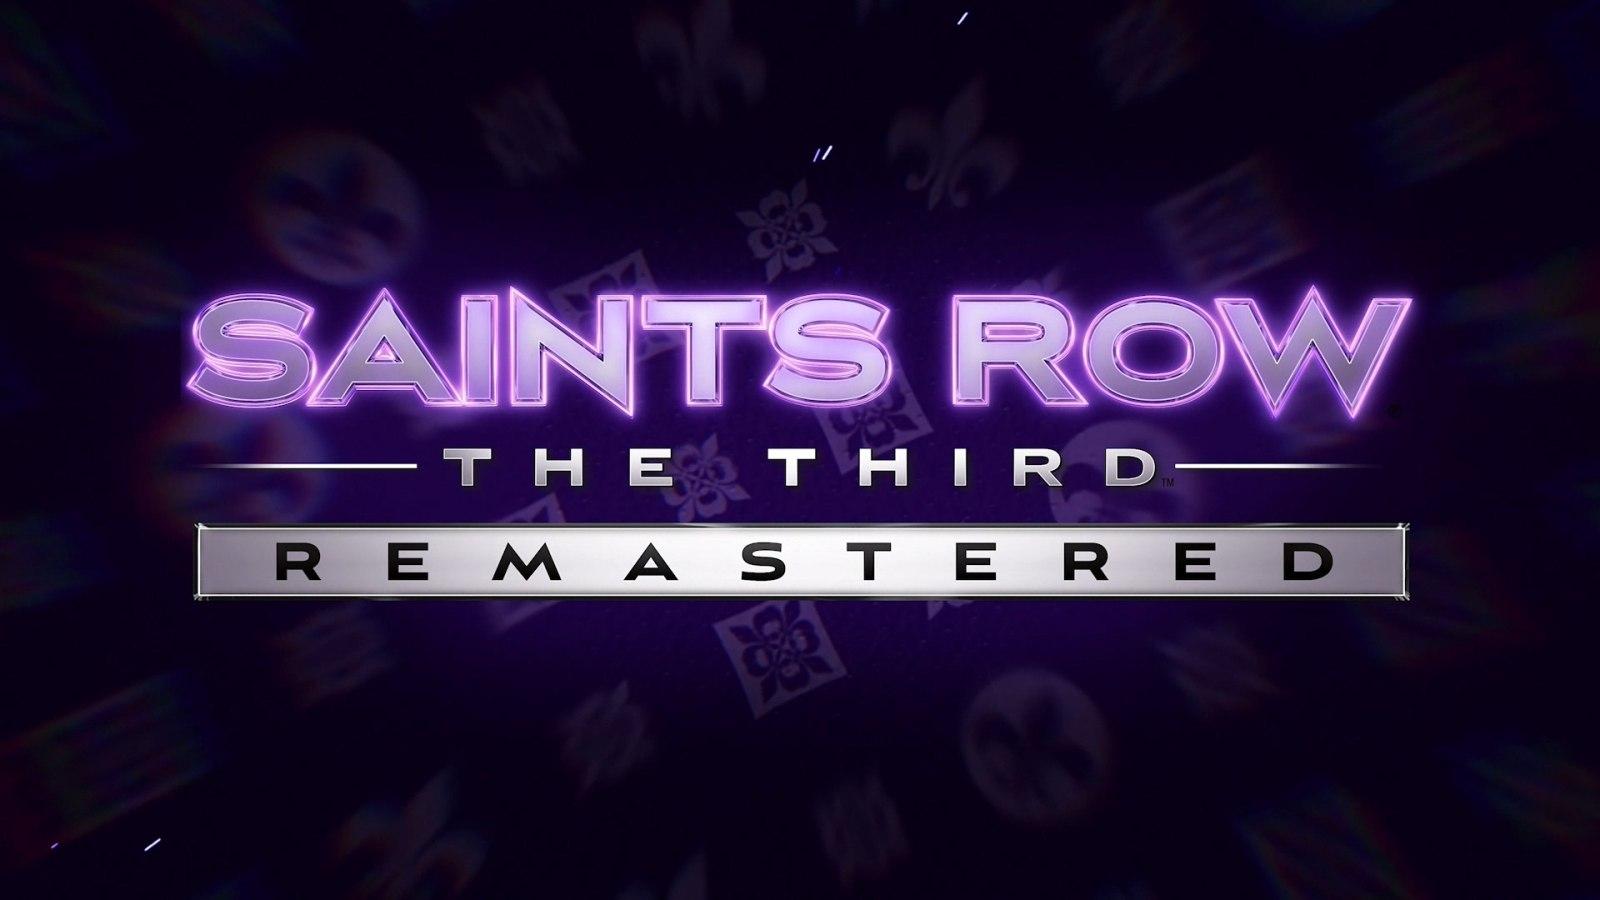 《黑道圣徒3高清复刻》版在今天正式上线,公布发售预告片